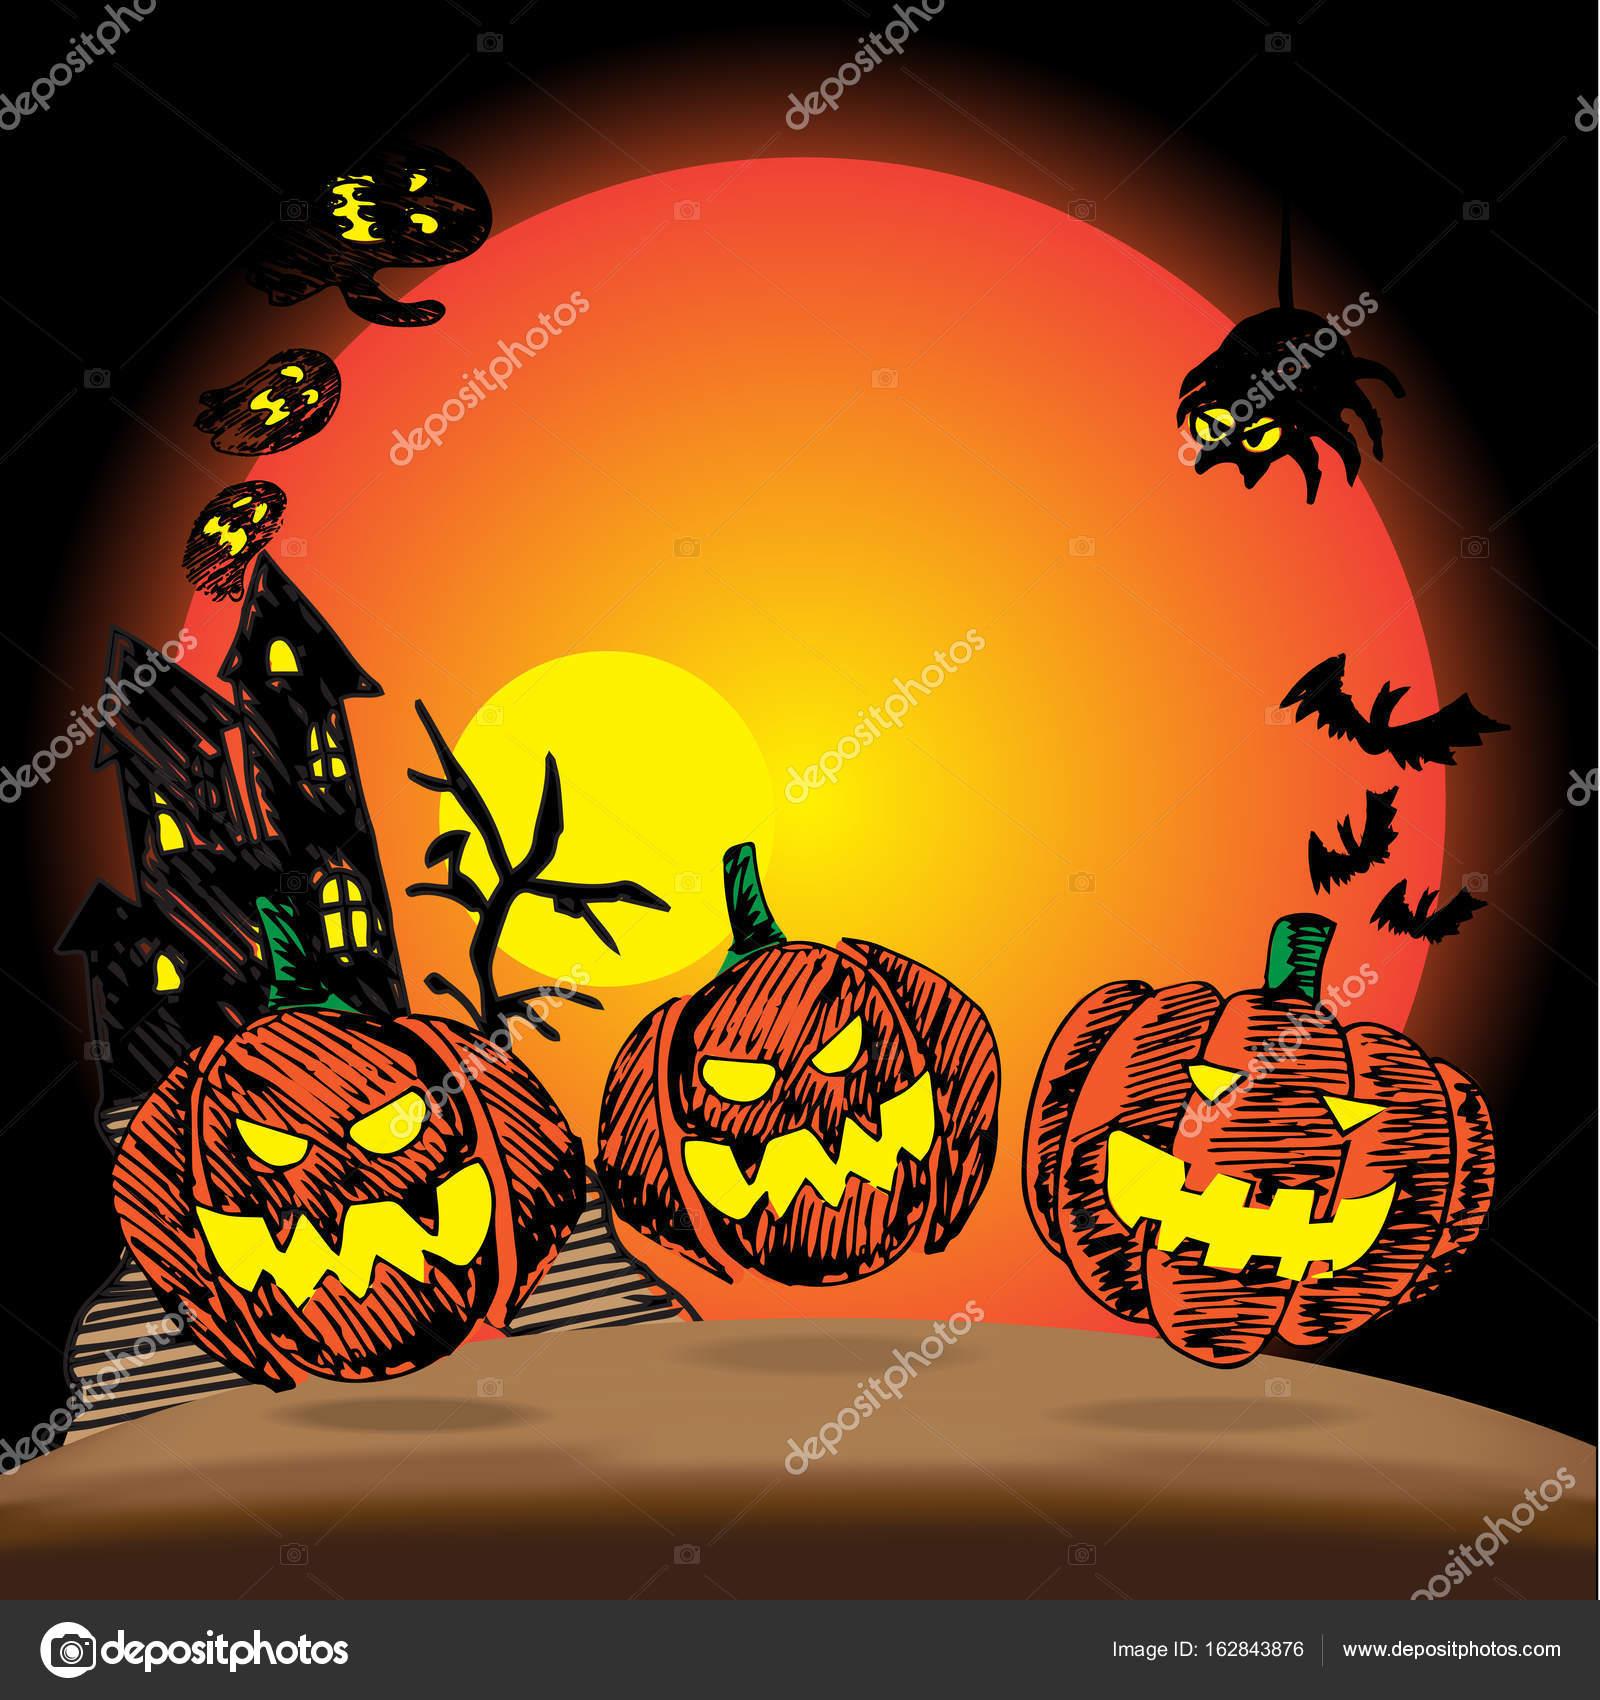 31 ottobre Halloween icona disegno di vettore — Vettoriali Stock ... abdf02154d9d